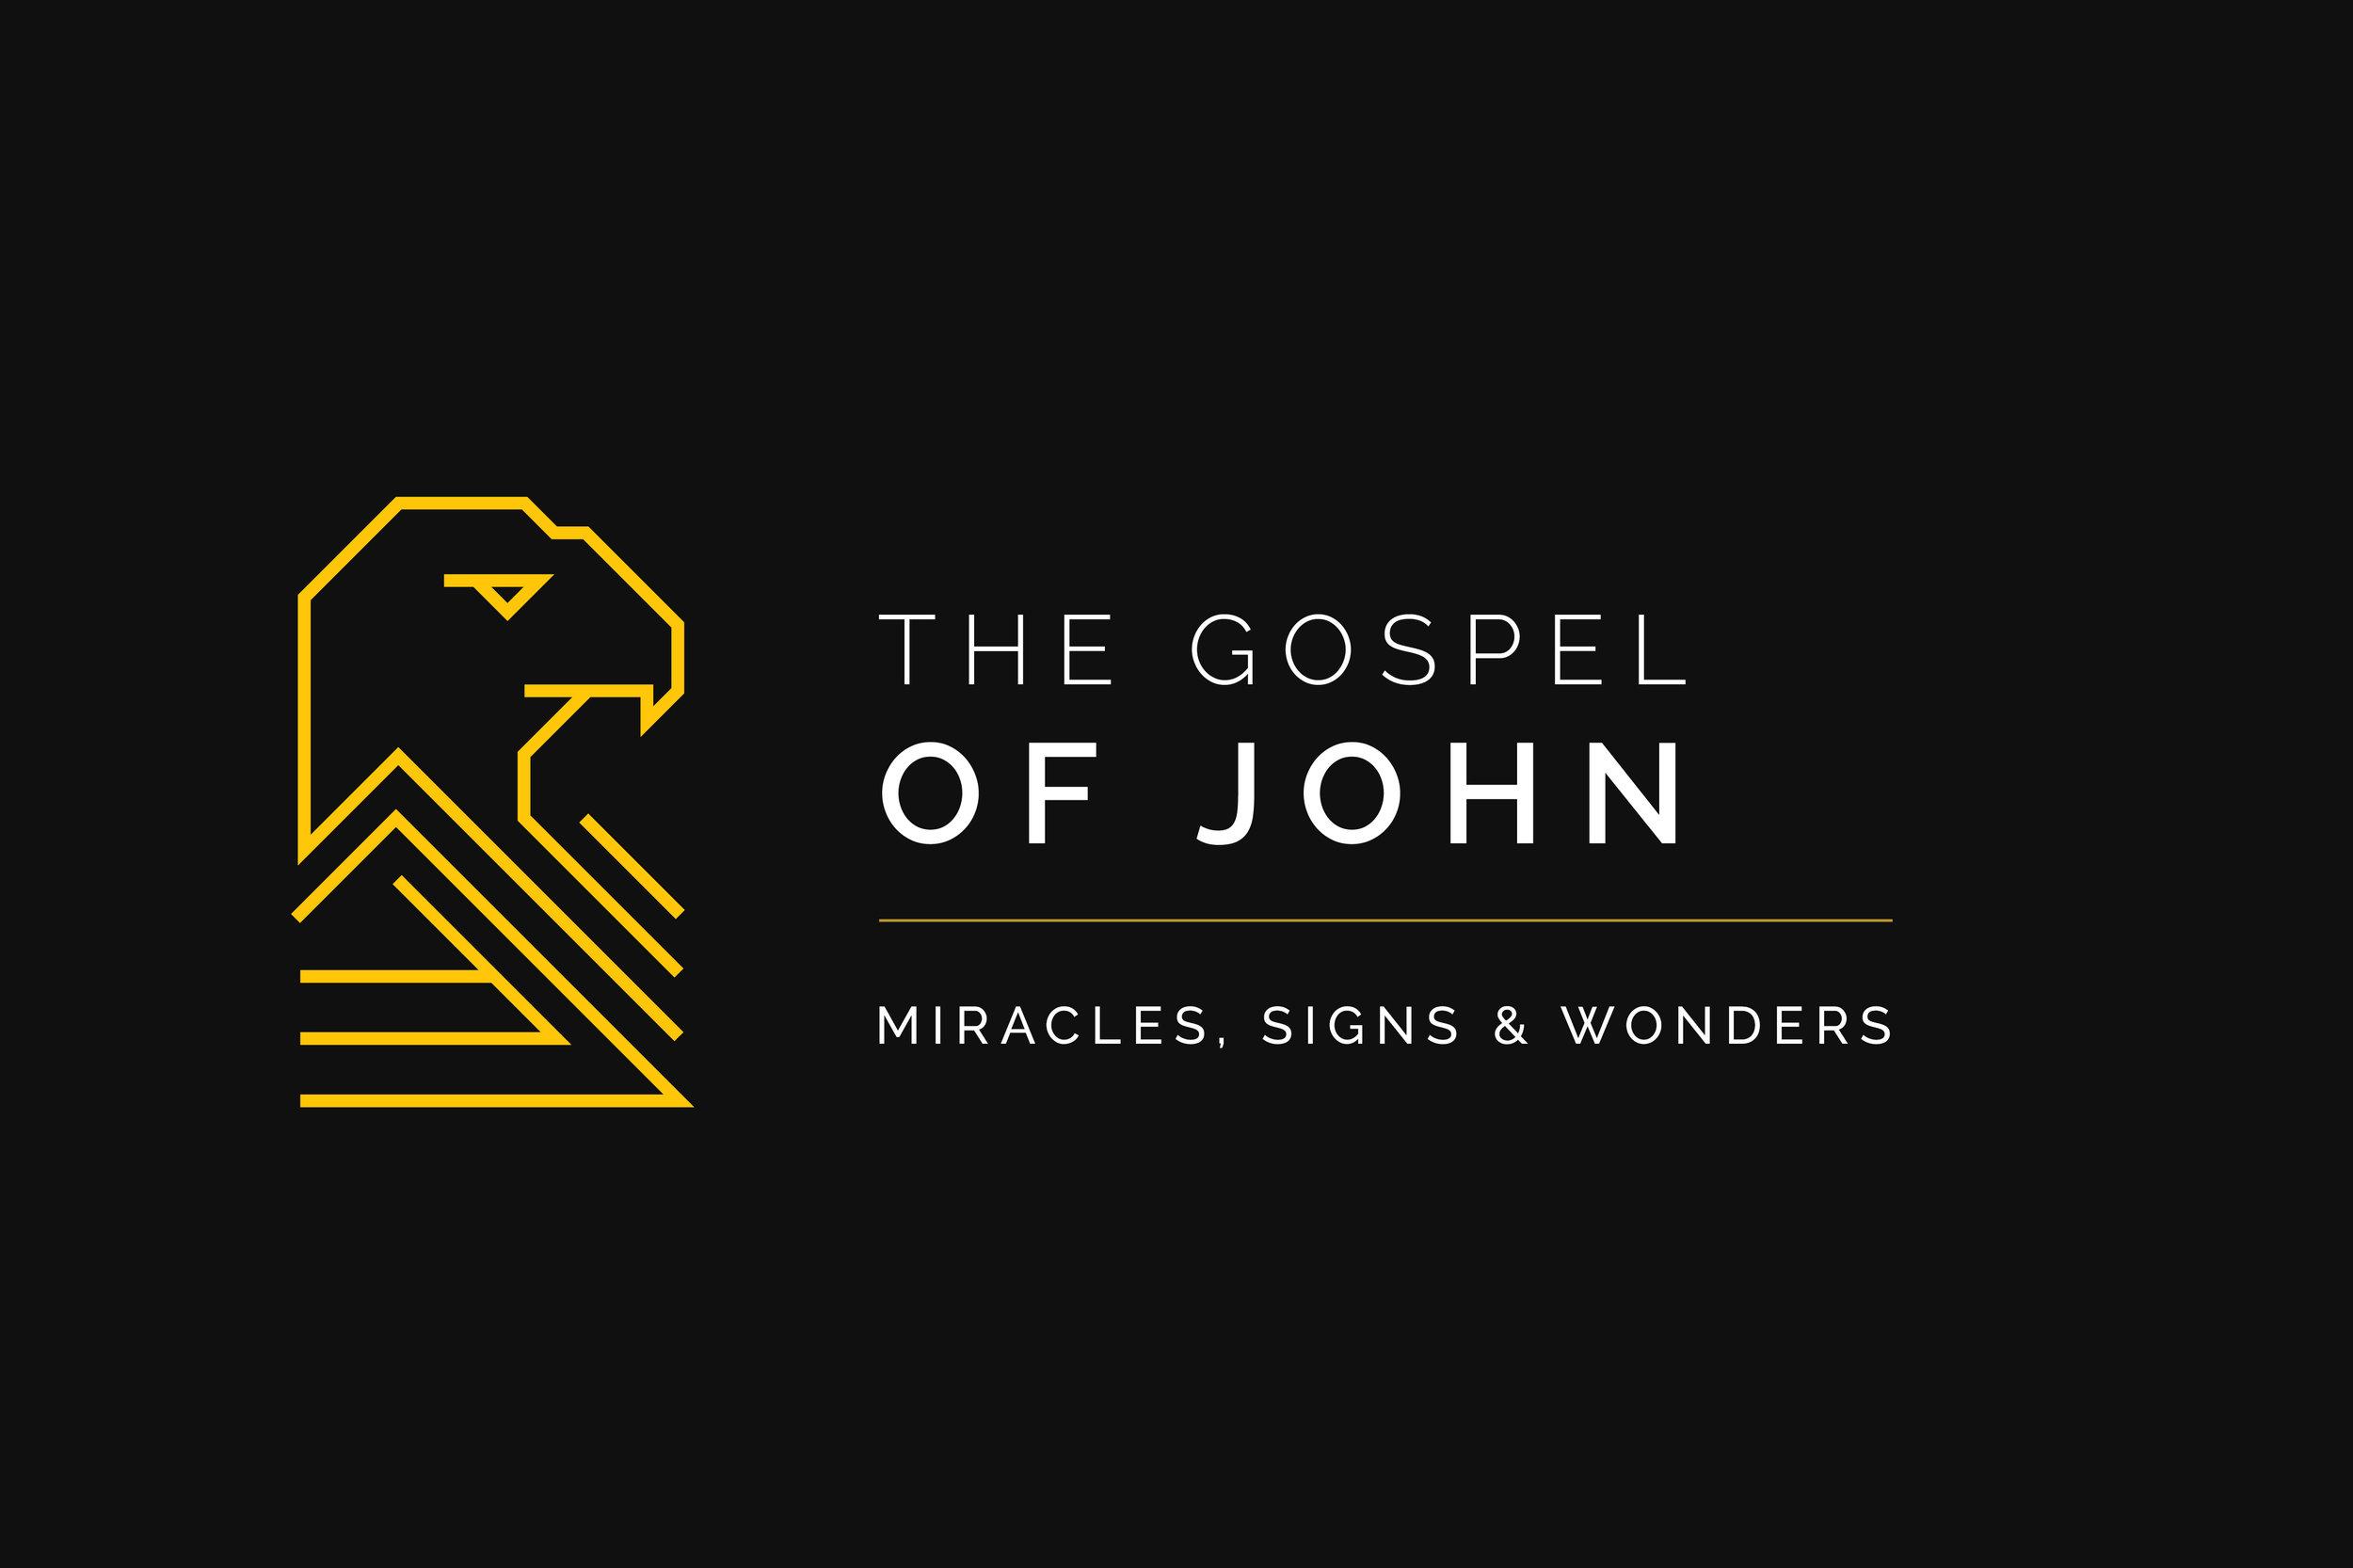 08-The-Gospel-of-John-Miracles-Signs-Wonders.jpg